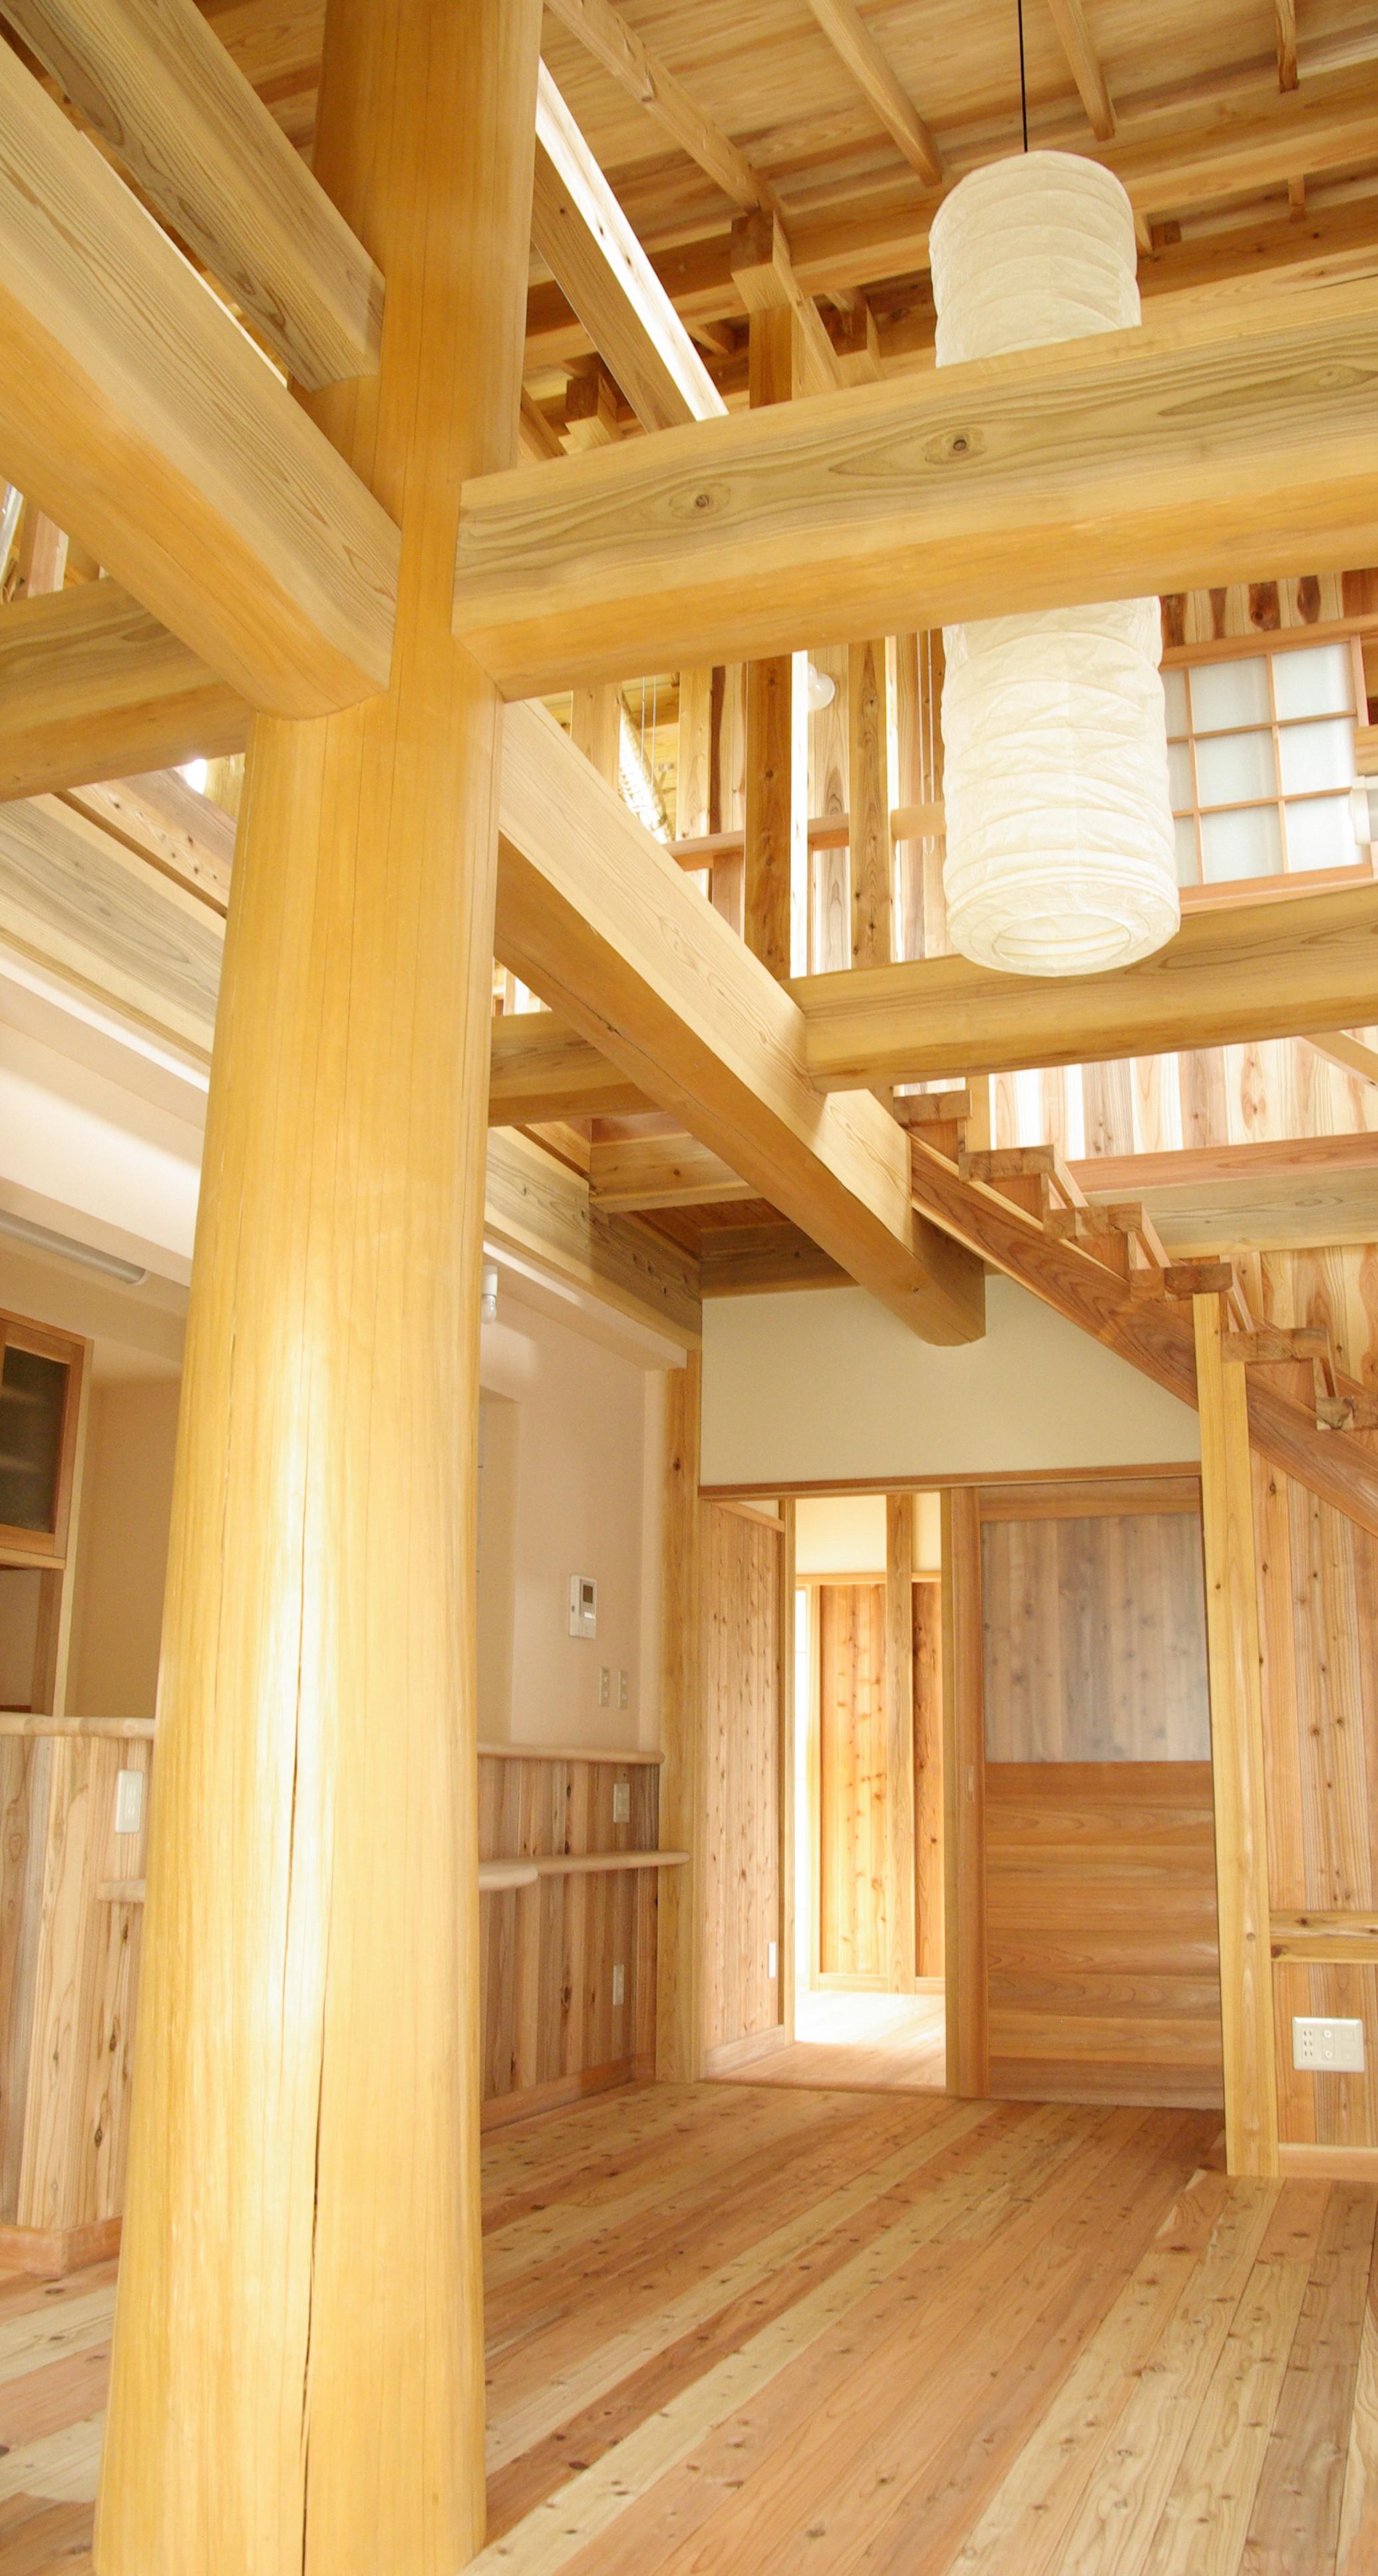 見える部分のほとんどが木と土(珪藻土)。伝統工法で現代を造る木と土の家。